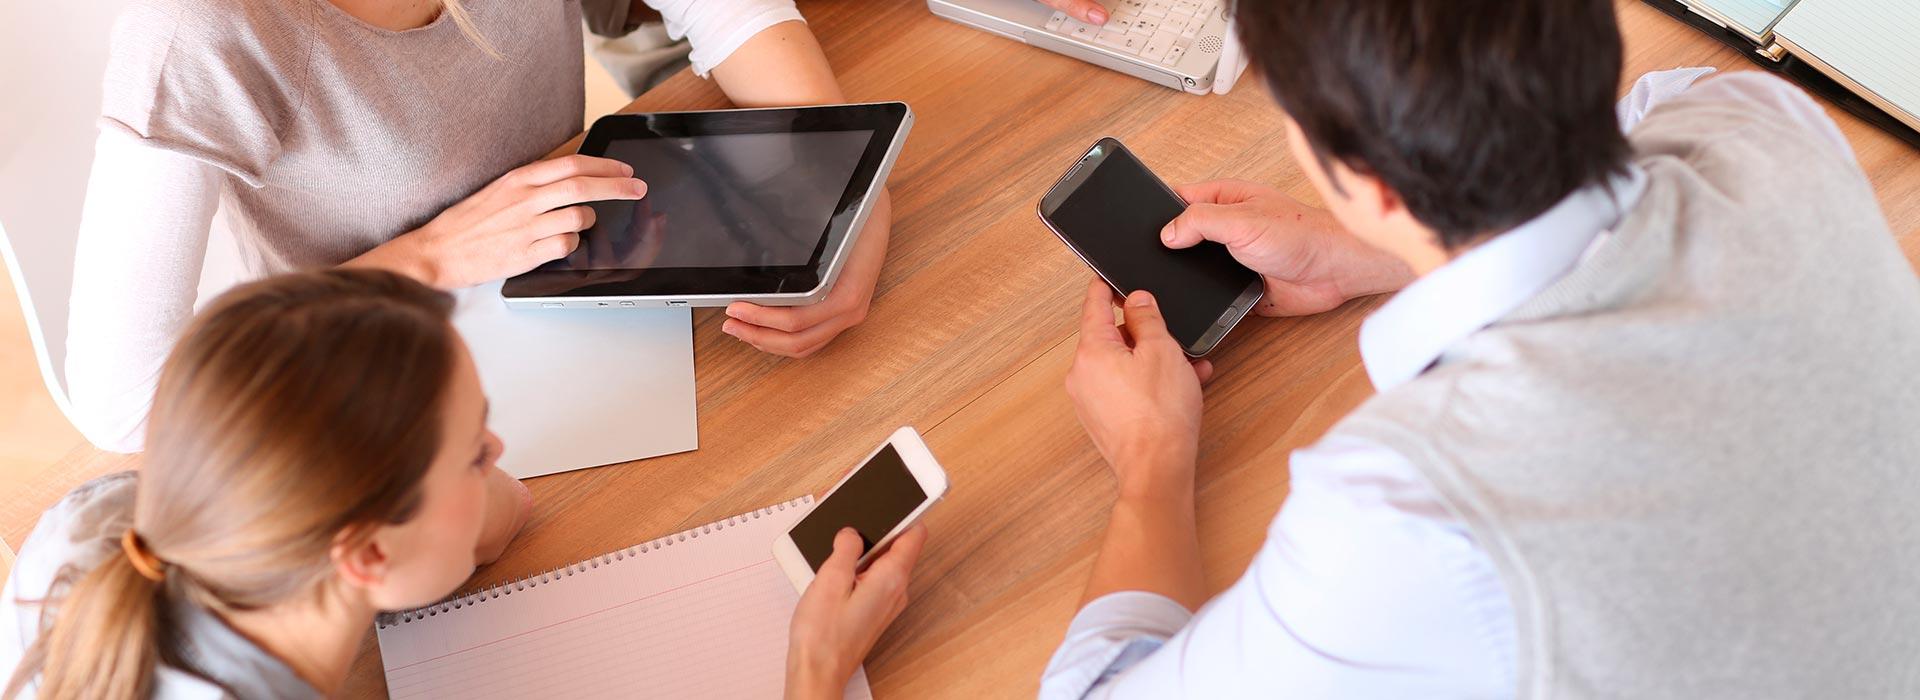 Artículos y noticias sobre multicanalidad, integrando los diferentes canales para optimizar los resultados y para mejorar la experiencia de cliente digital